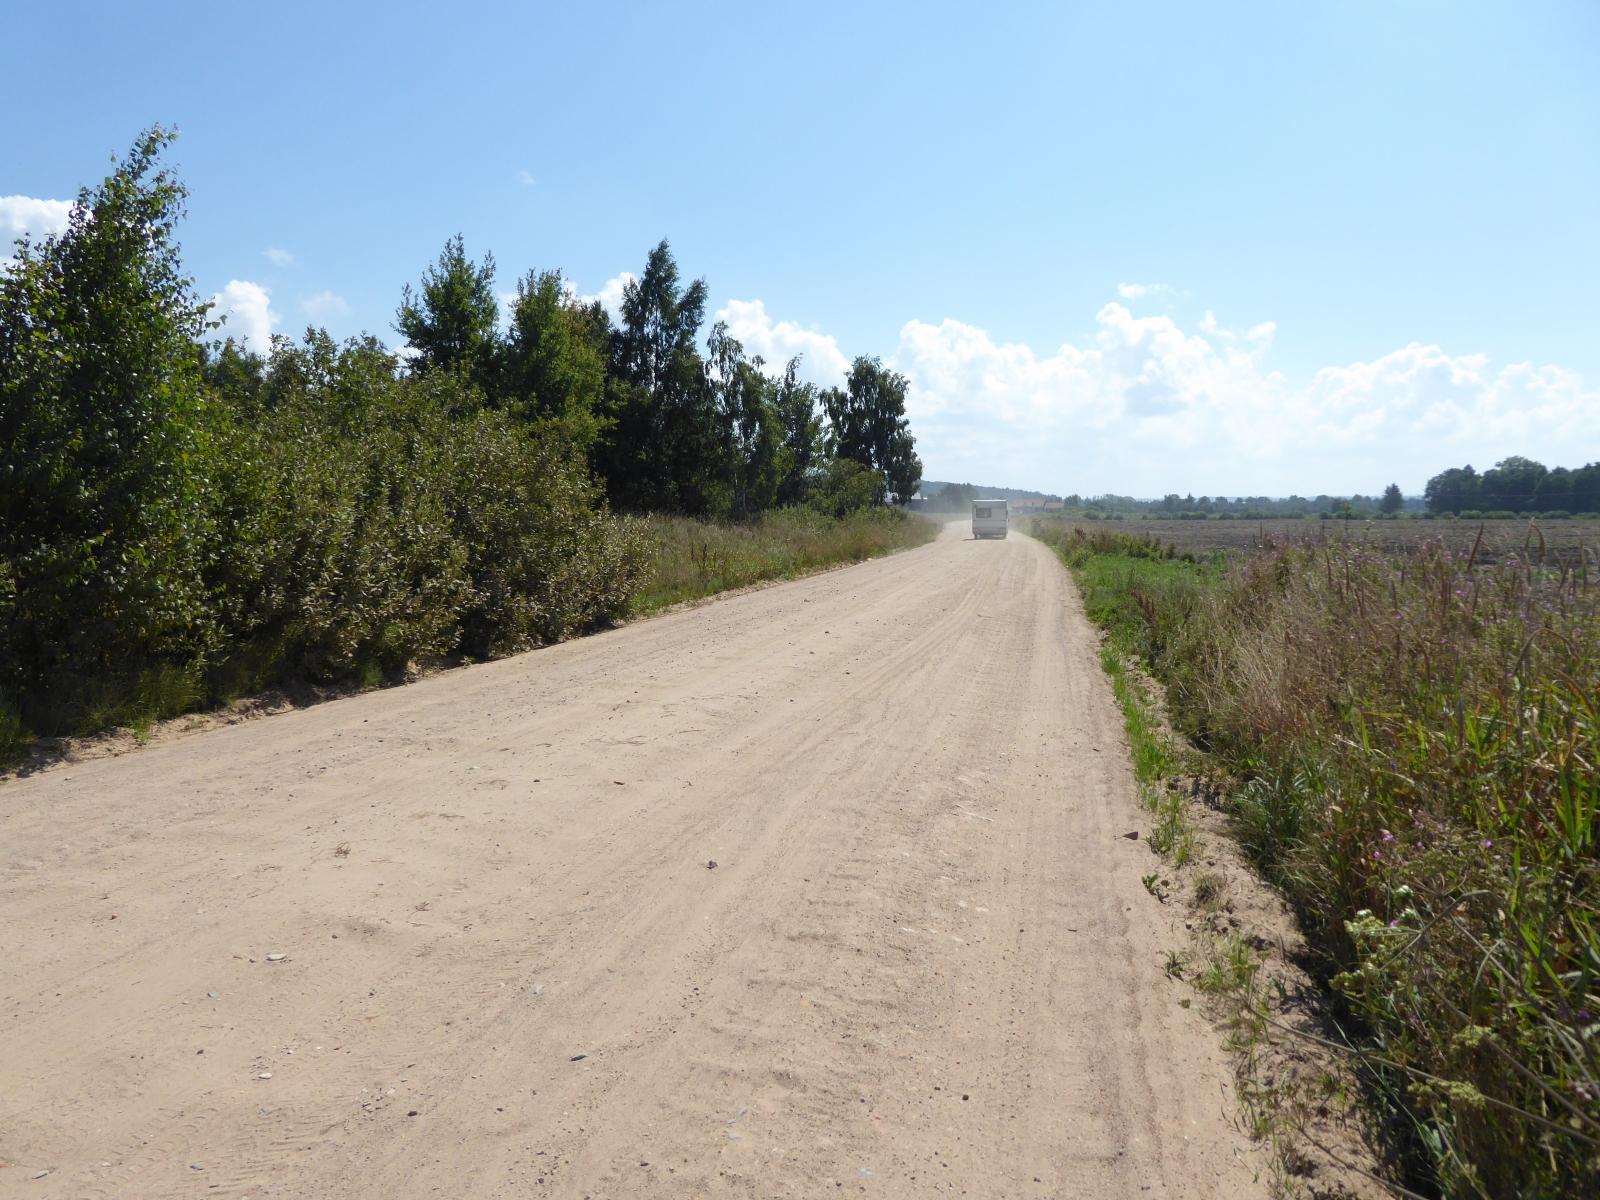 Dieser Weg hatte es insofern in sich, da er zu einem Campingplatz führte und regelmäßig Gespanne oder Campingmobile an mir vorbei fuhren und jede Menge Staub aufwirbelten.